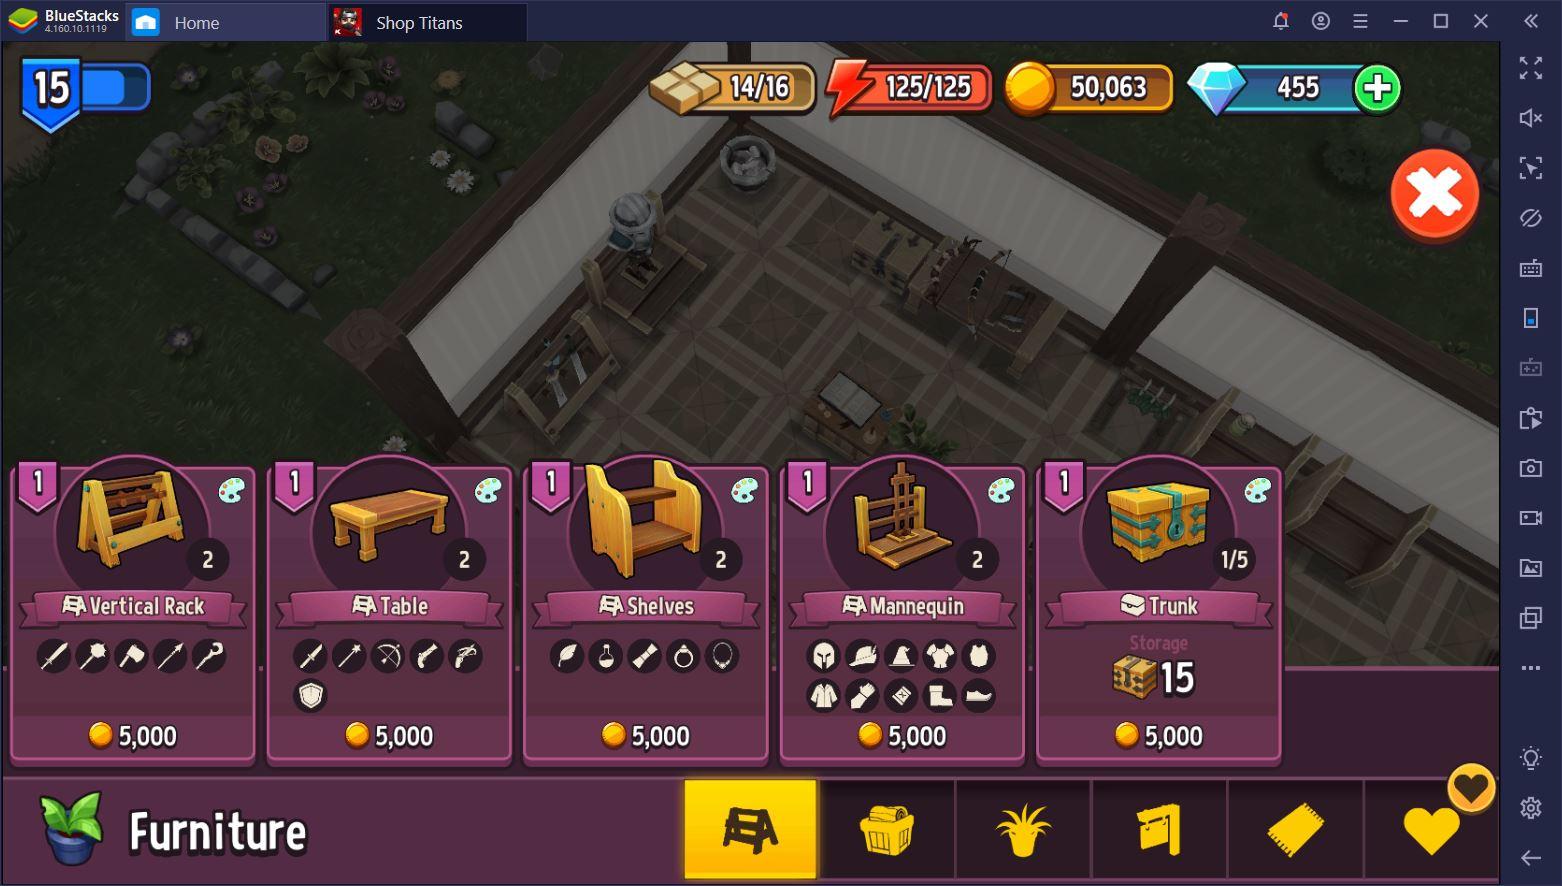 لعبة Shop Titans: كيف تنفق مواردك بحكمة